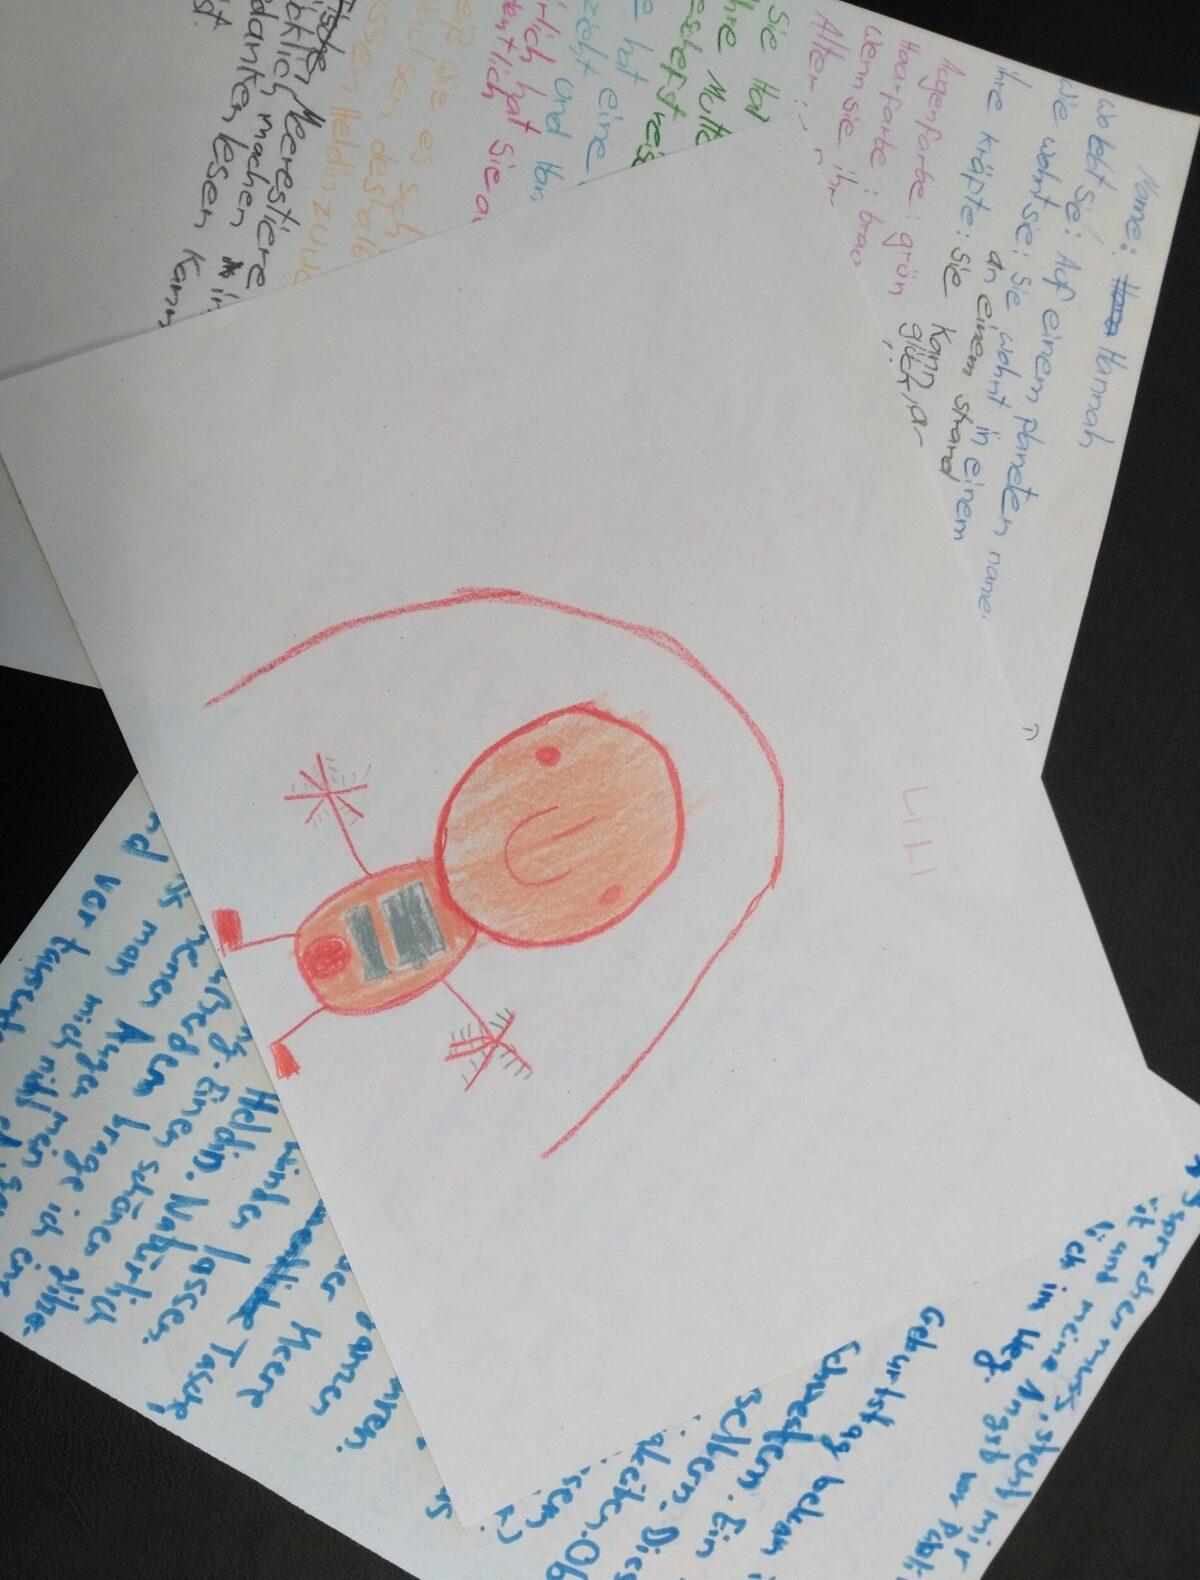 3 Papierblätter mit einer Zeichnung und handgeschriebenen Geschichten.